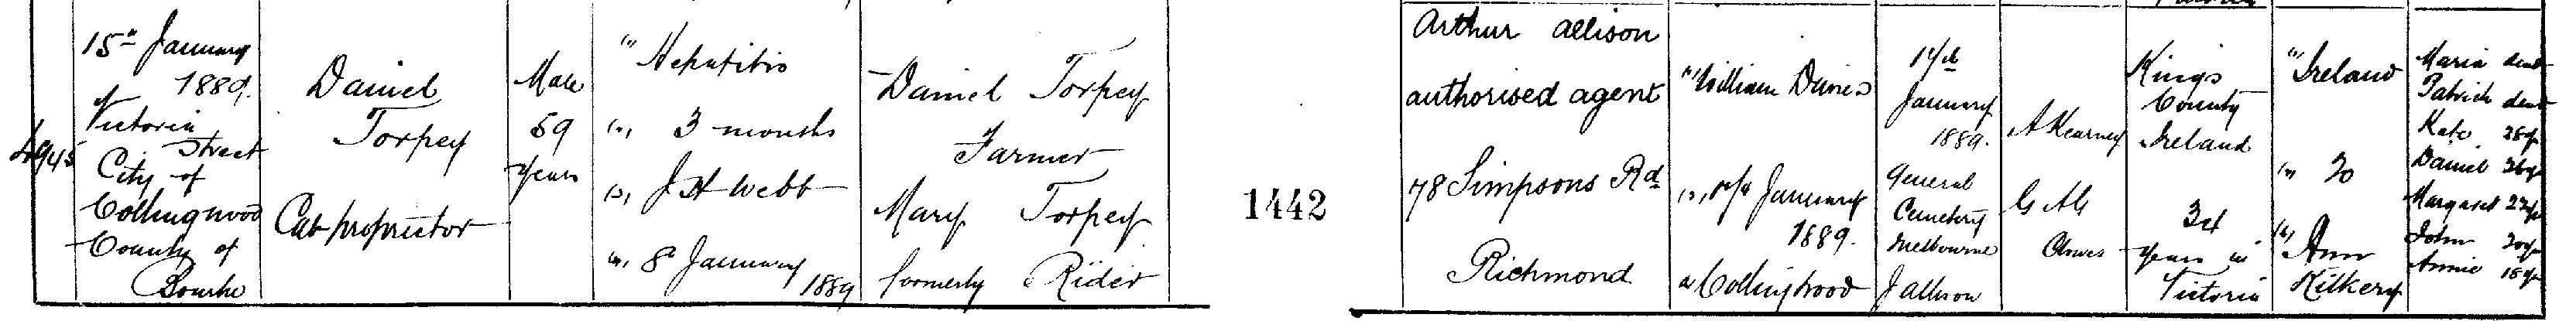 Daniel Torpey Death Certificate 1889 cr